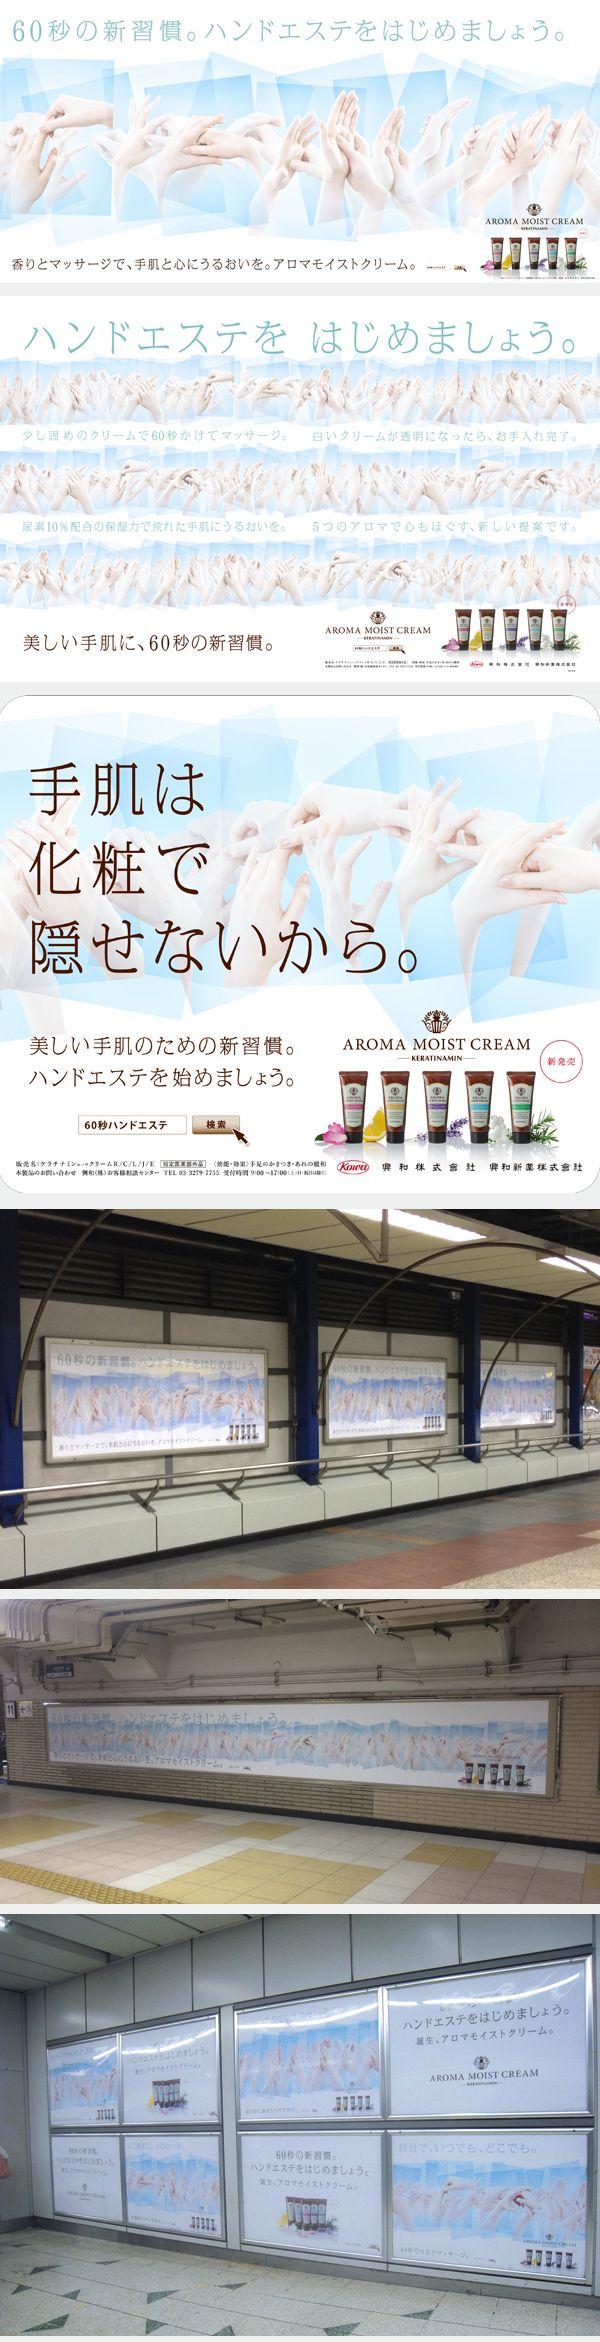 kowa aroma moist cream 交通広告